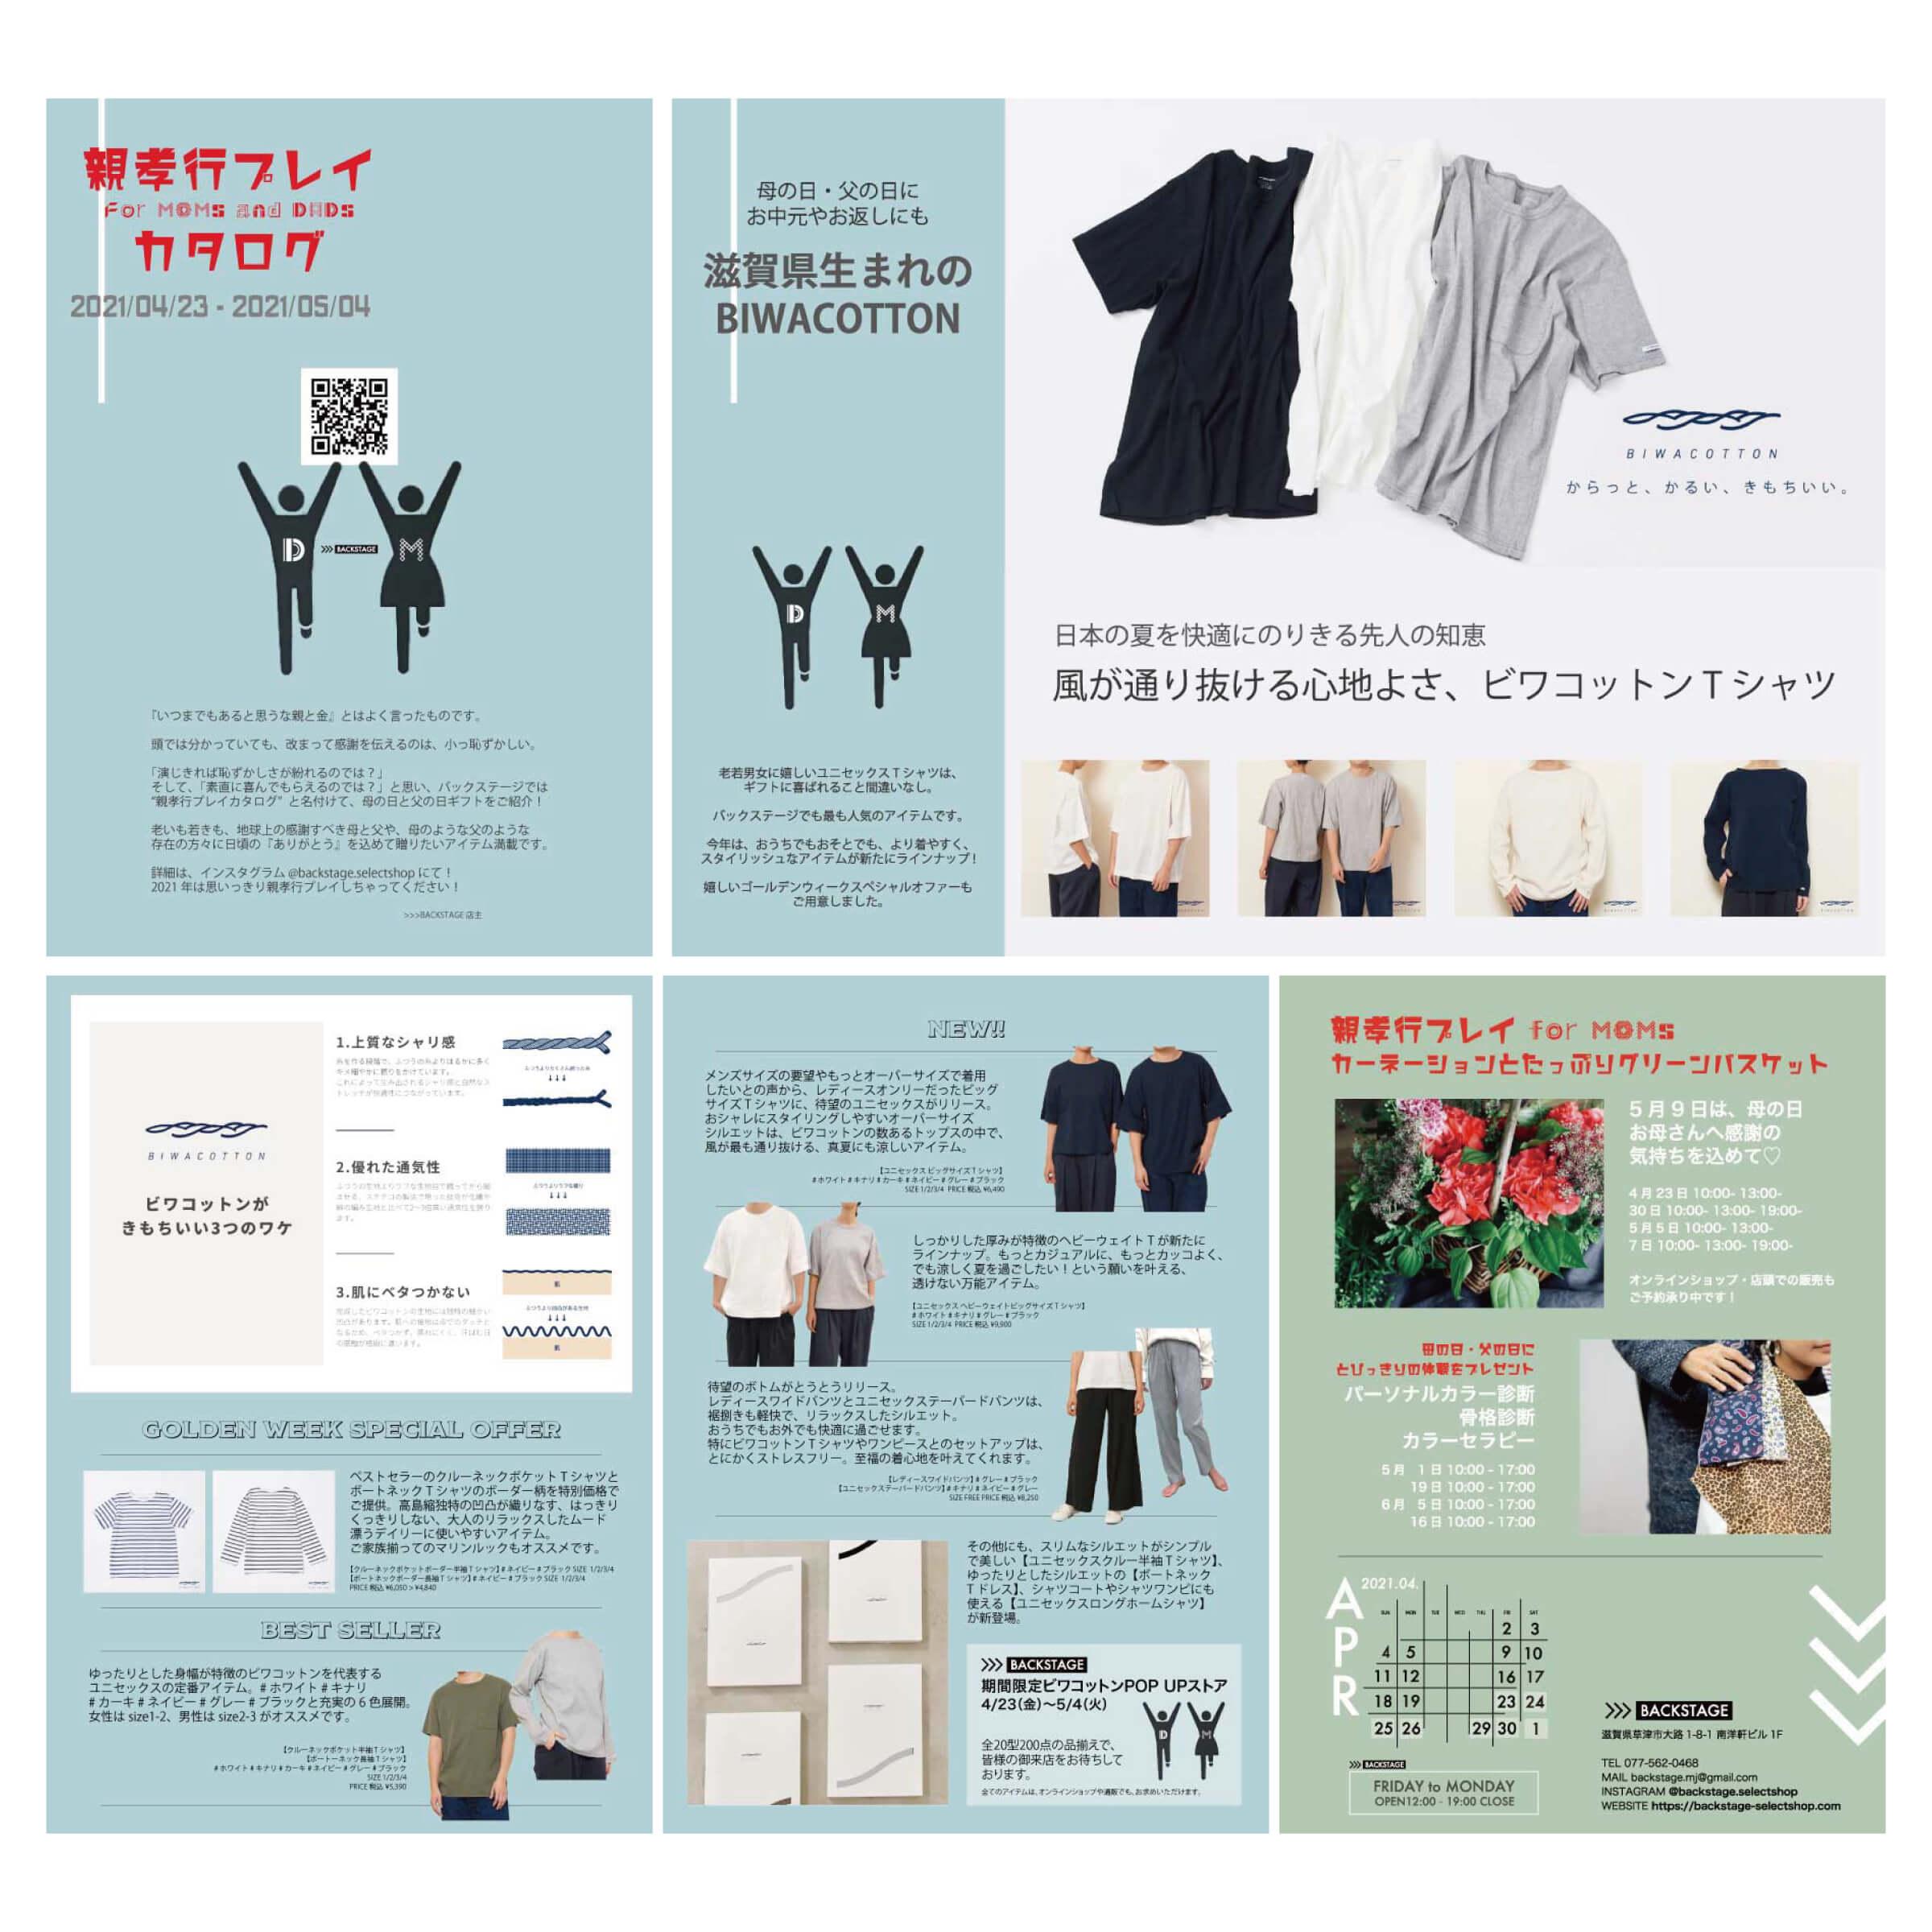 【親孝行プレイカタログ – BIWACOTTON(ビワコットン)】